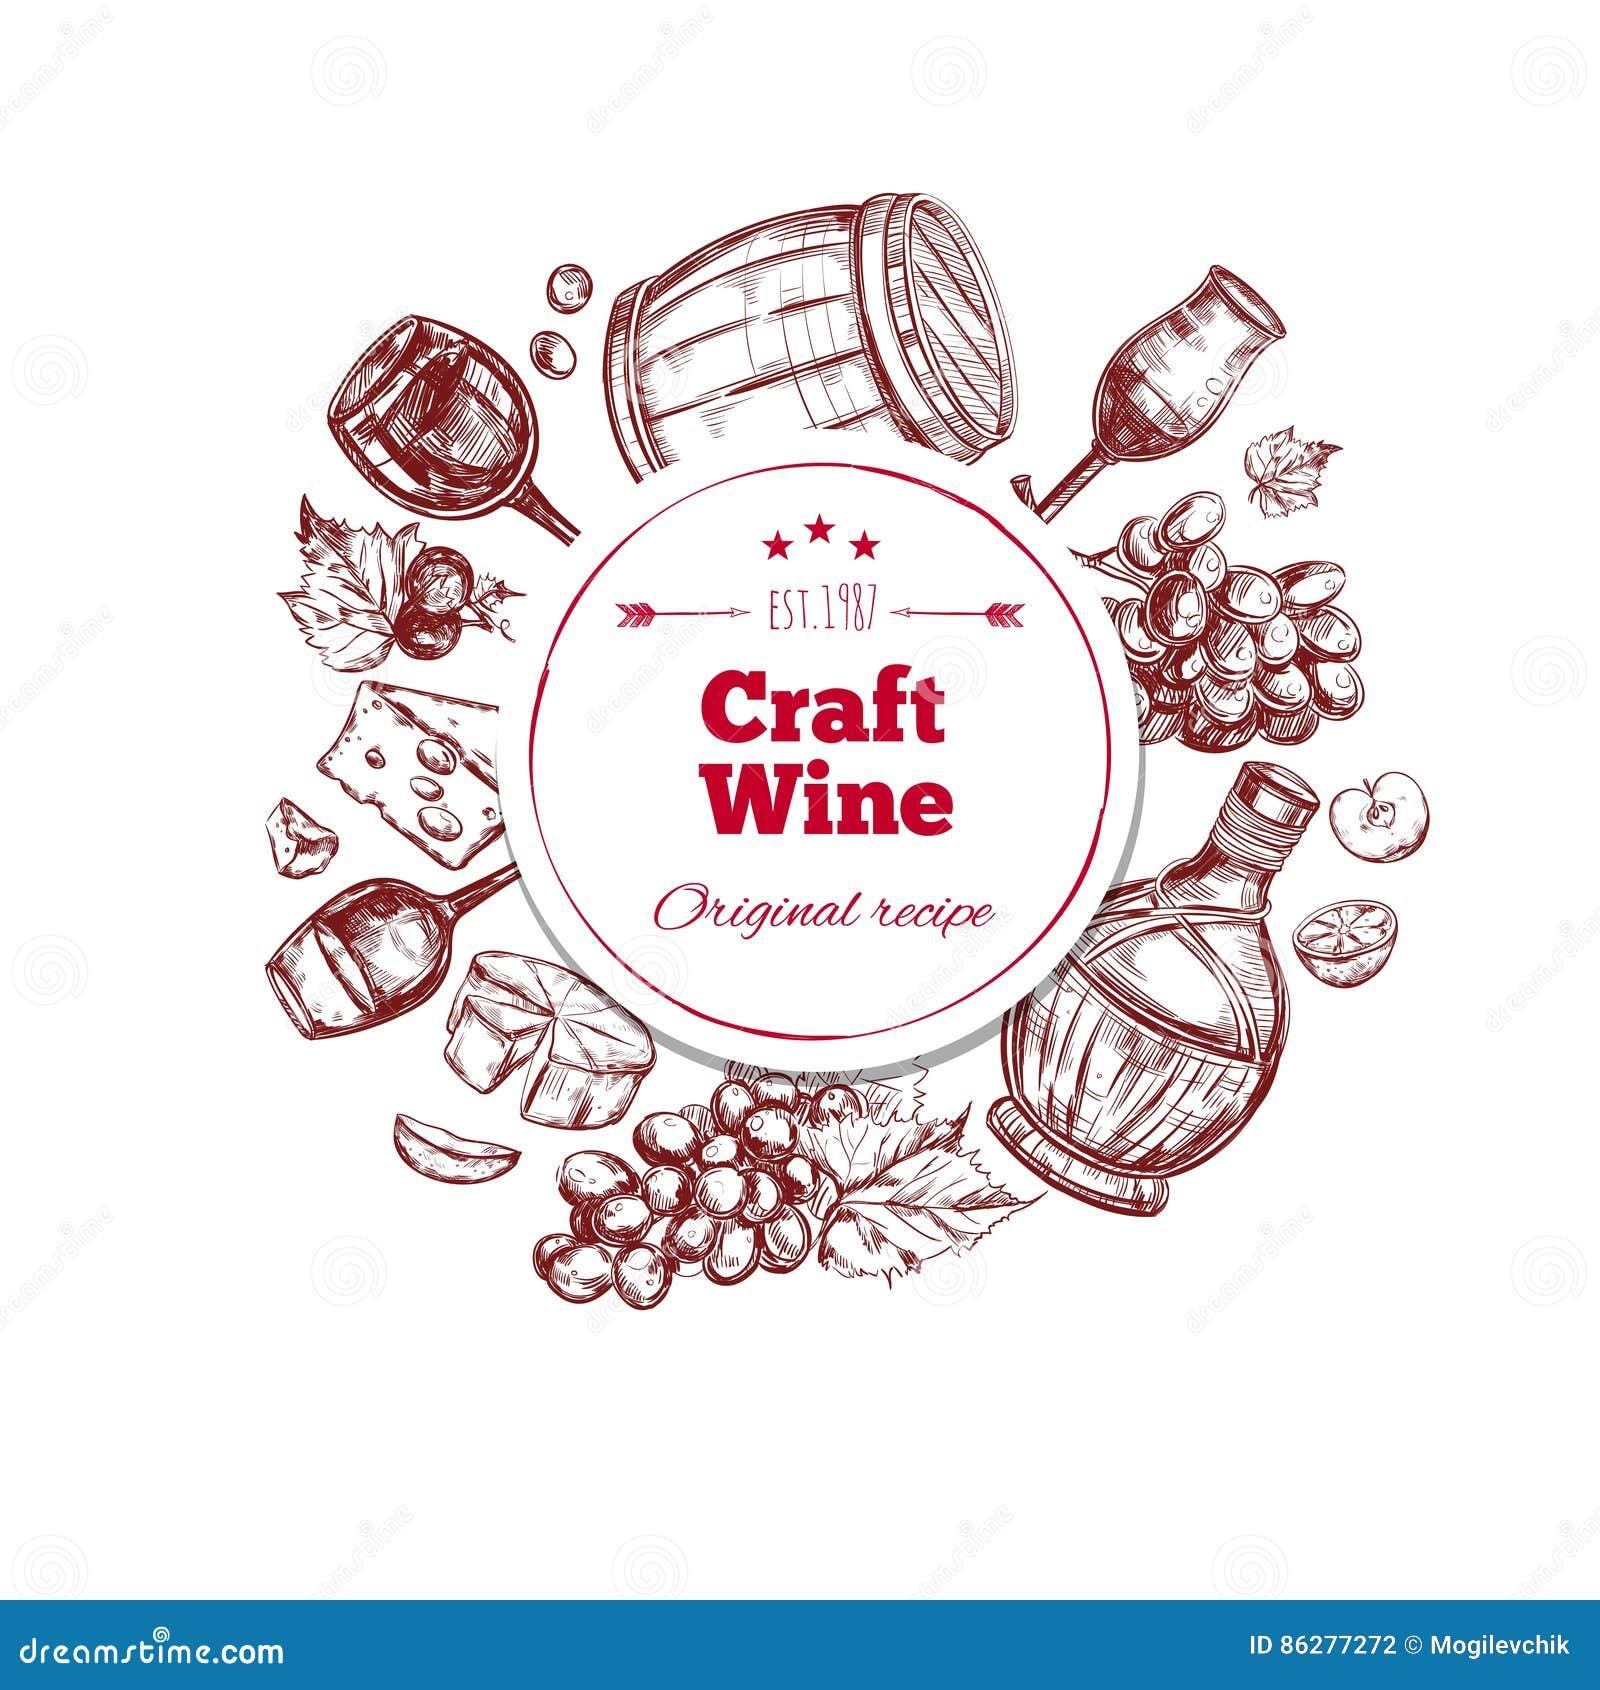 Produzione Artigianale Del Vetro.Concetto Di Produzione Artigianale Del Vino Rosso Illustrazione